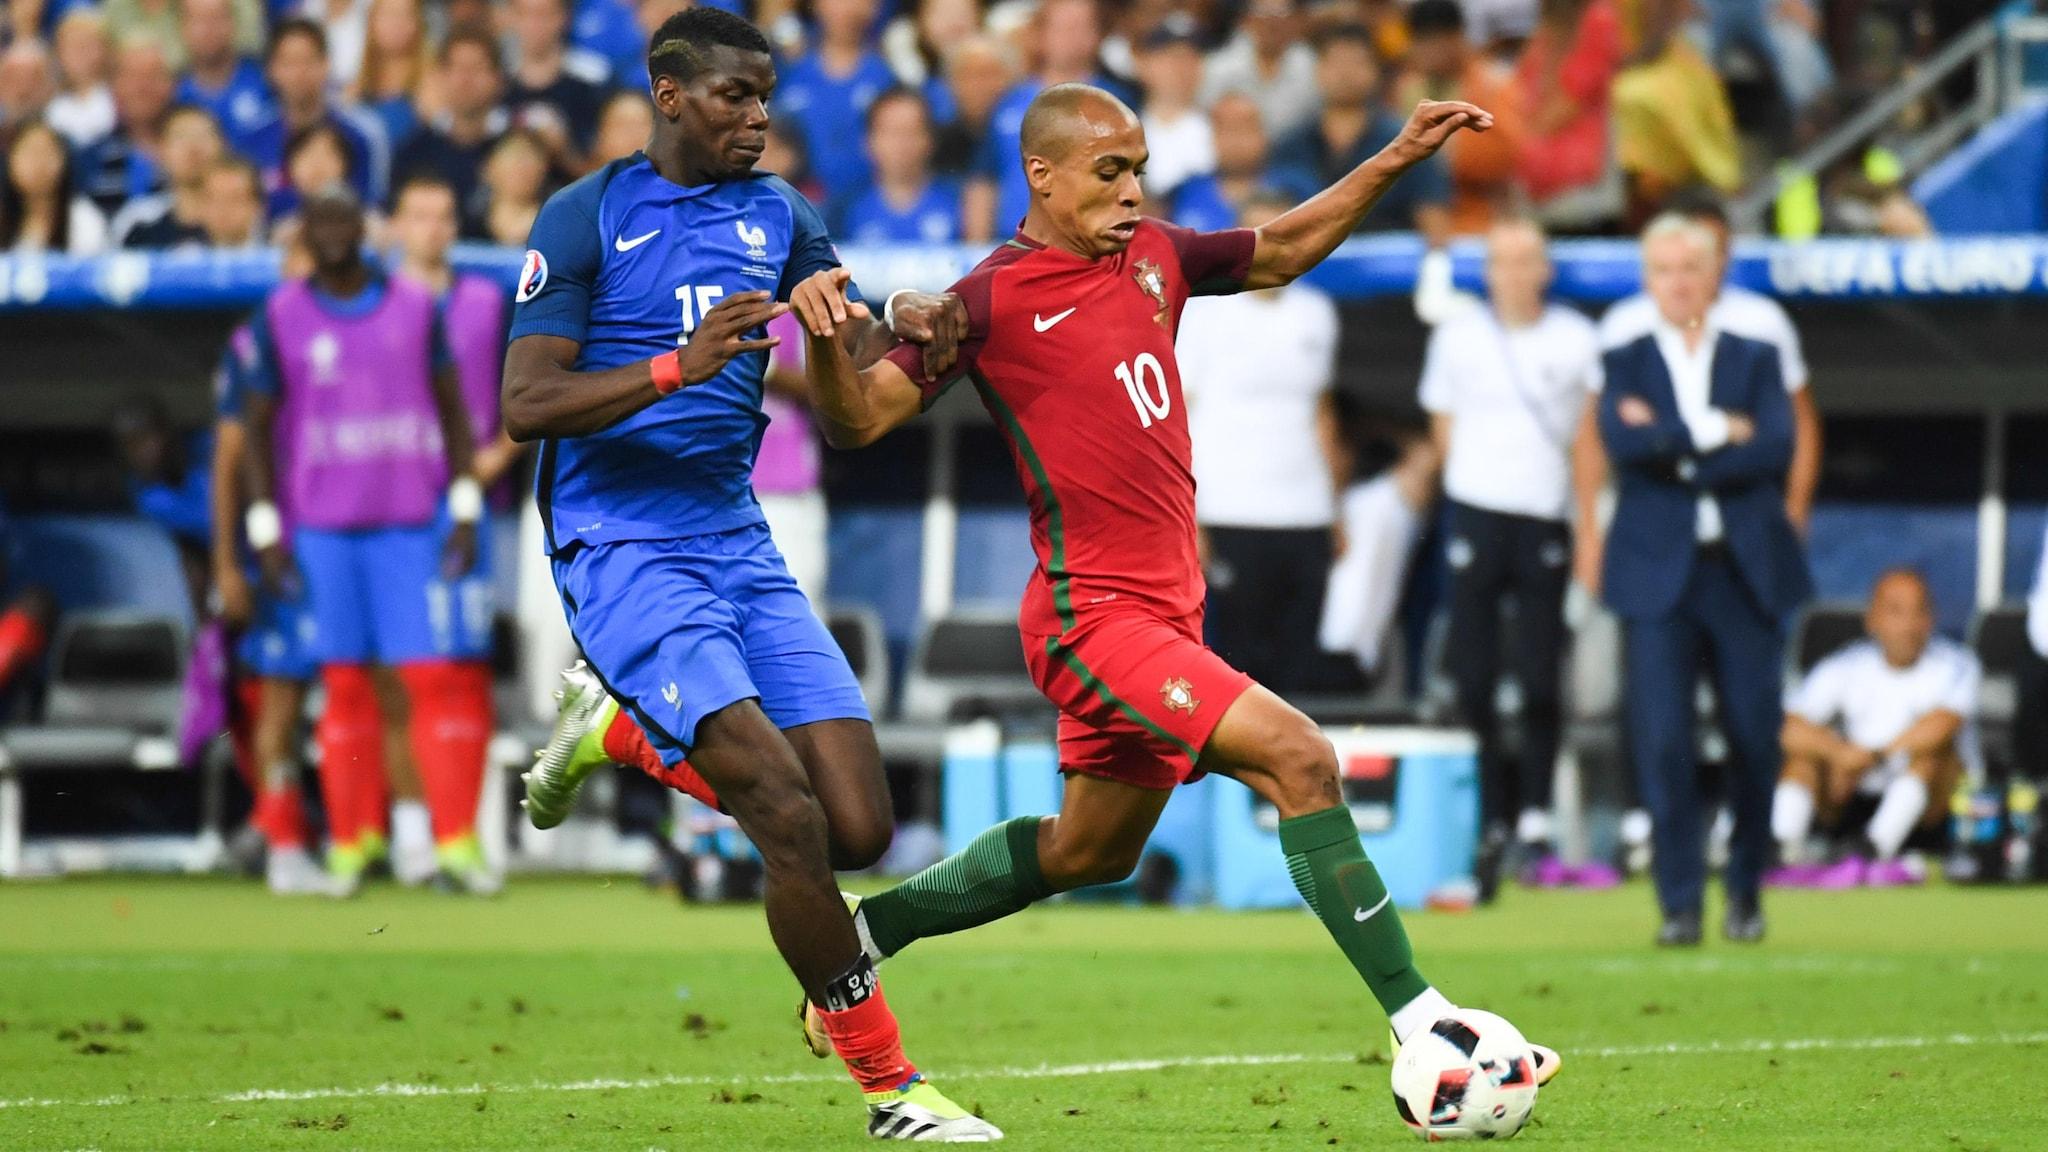 Auslosung zur UEFA EURO 2020: Direkte Duelle | UEFA EURO ...